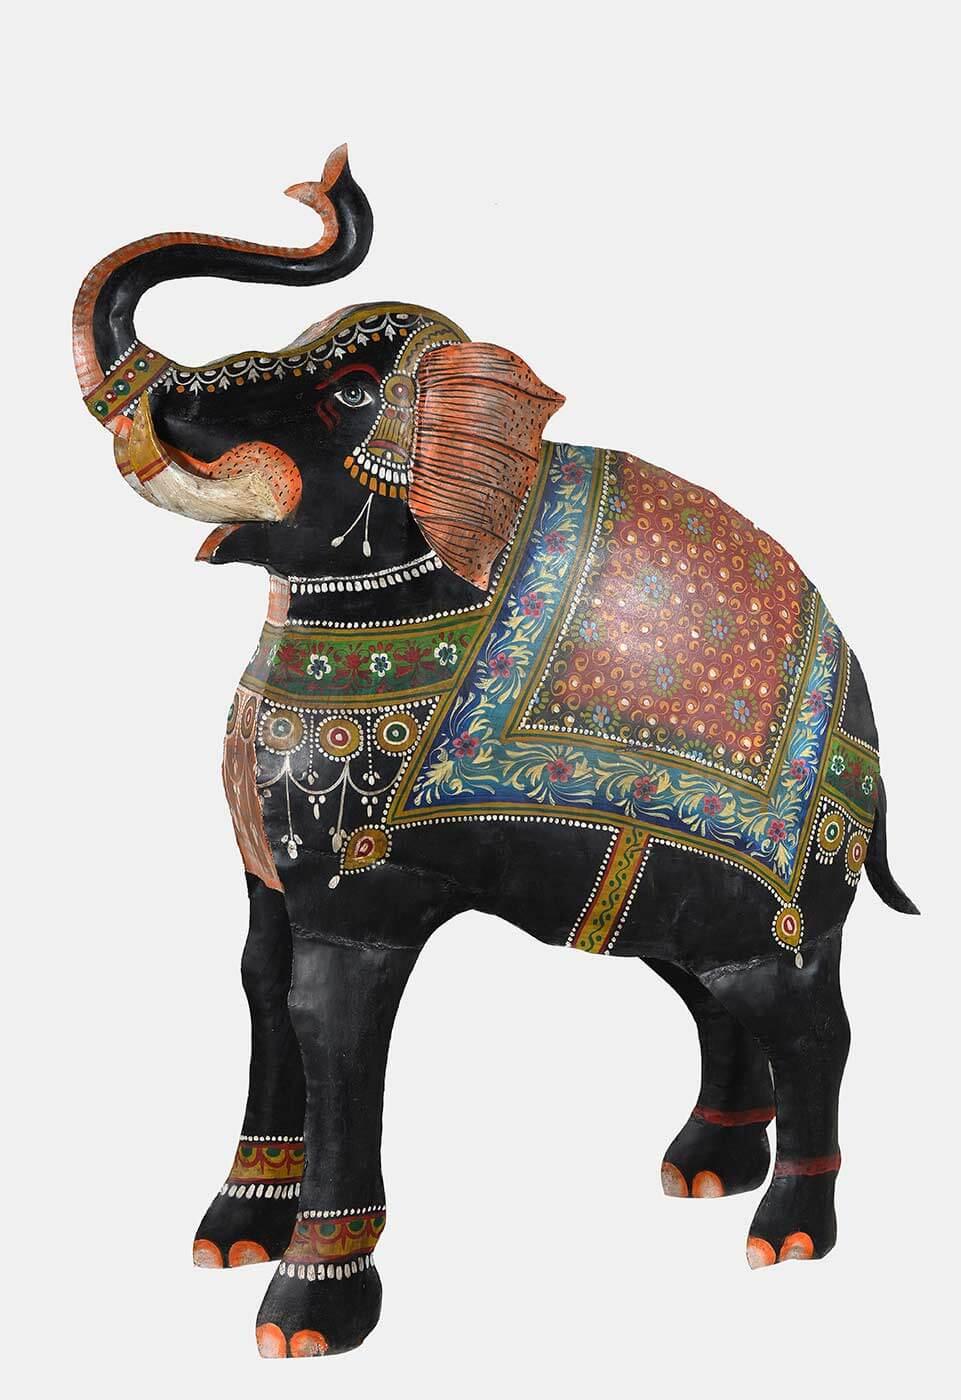 originele-handgemaakte-olifant-uit-india-oosterse-meubelen-indiase-meubels-koreman-maastricht